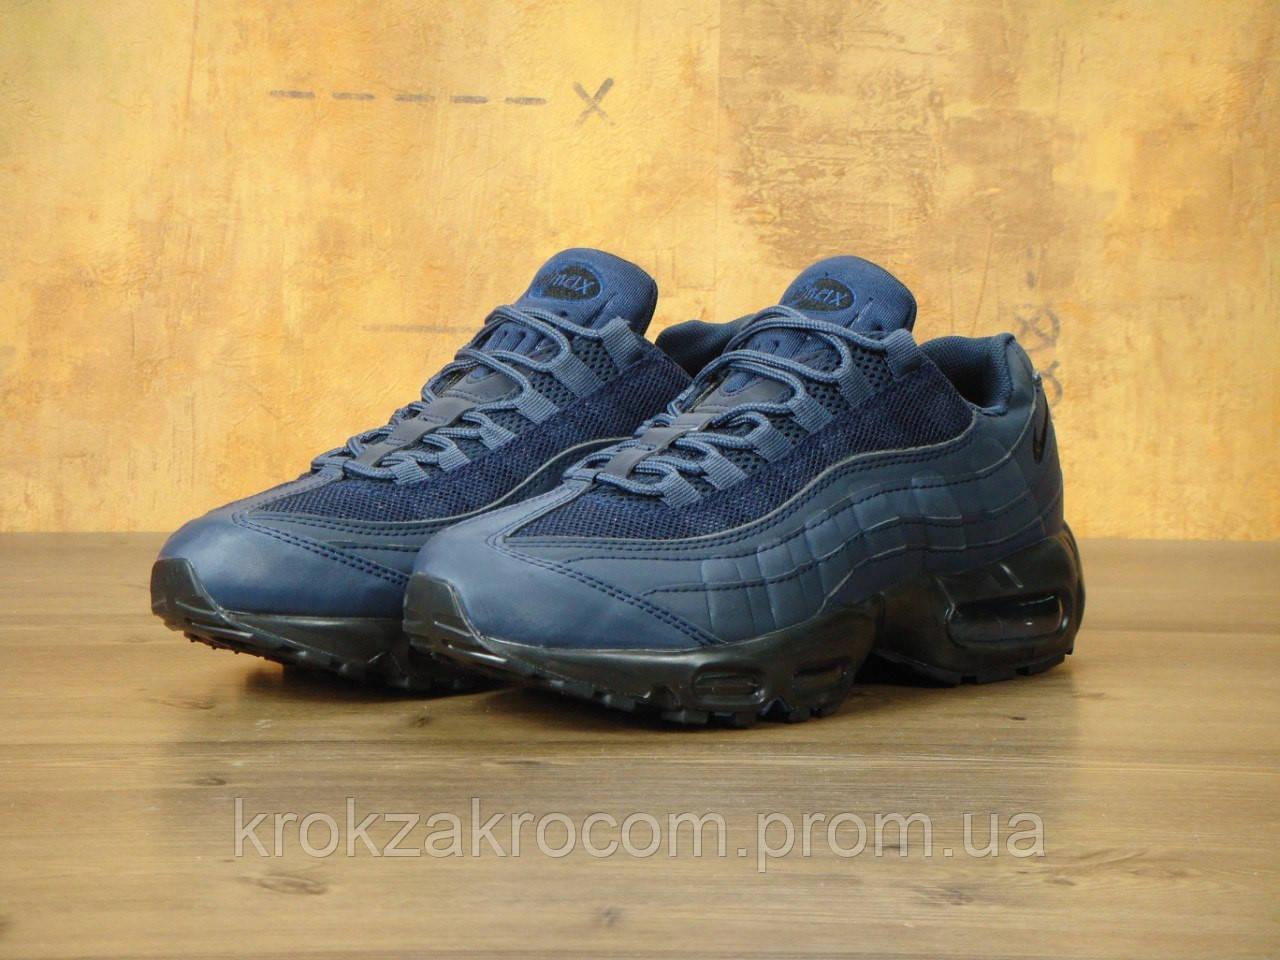 release date air max 95 grey blue replica 34752 338bf